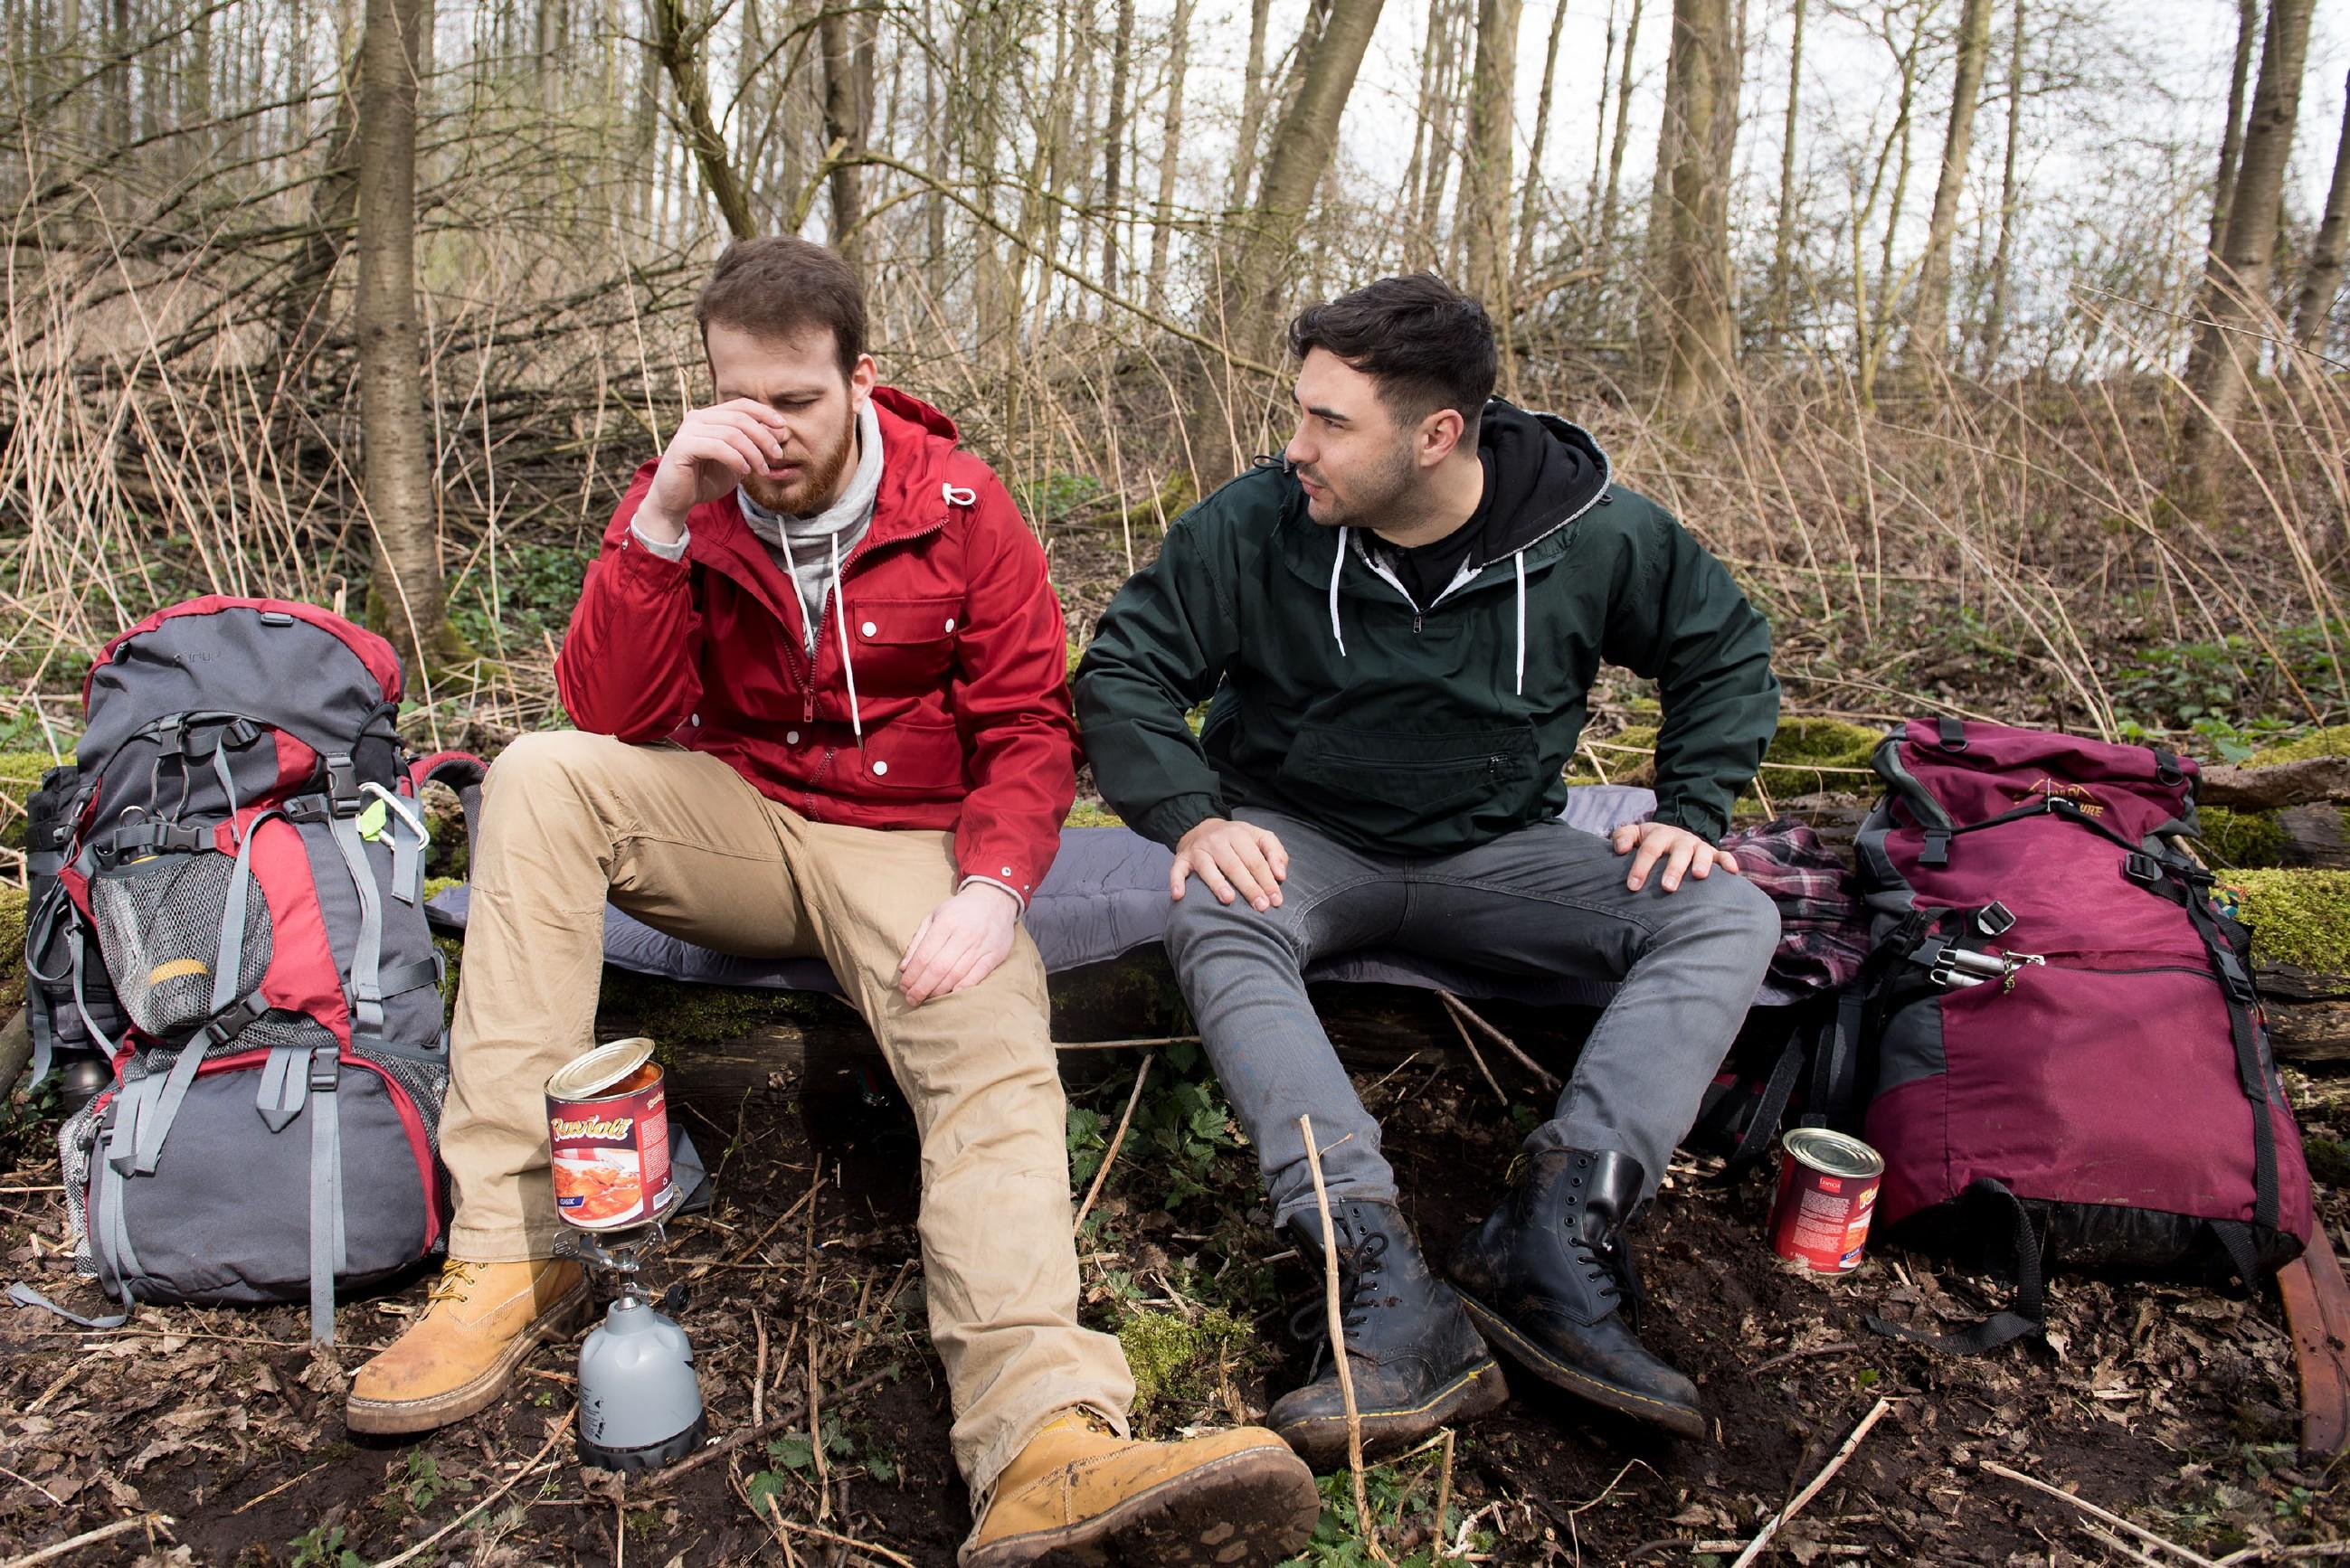 Tobias (Patrick Müller, l.) und Easy (Lars Steinhöfel) lassen sich, trotz Rückschlag, den Spaß an ihrem Survival-Trip nicht nehmen. (Quelle: RTL / Stefan Behrens)